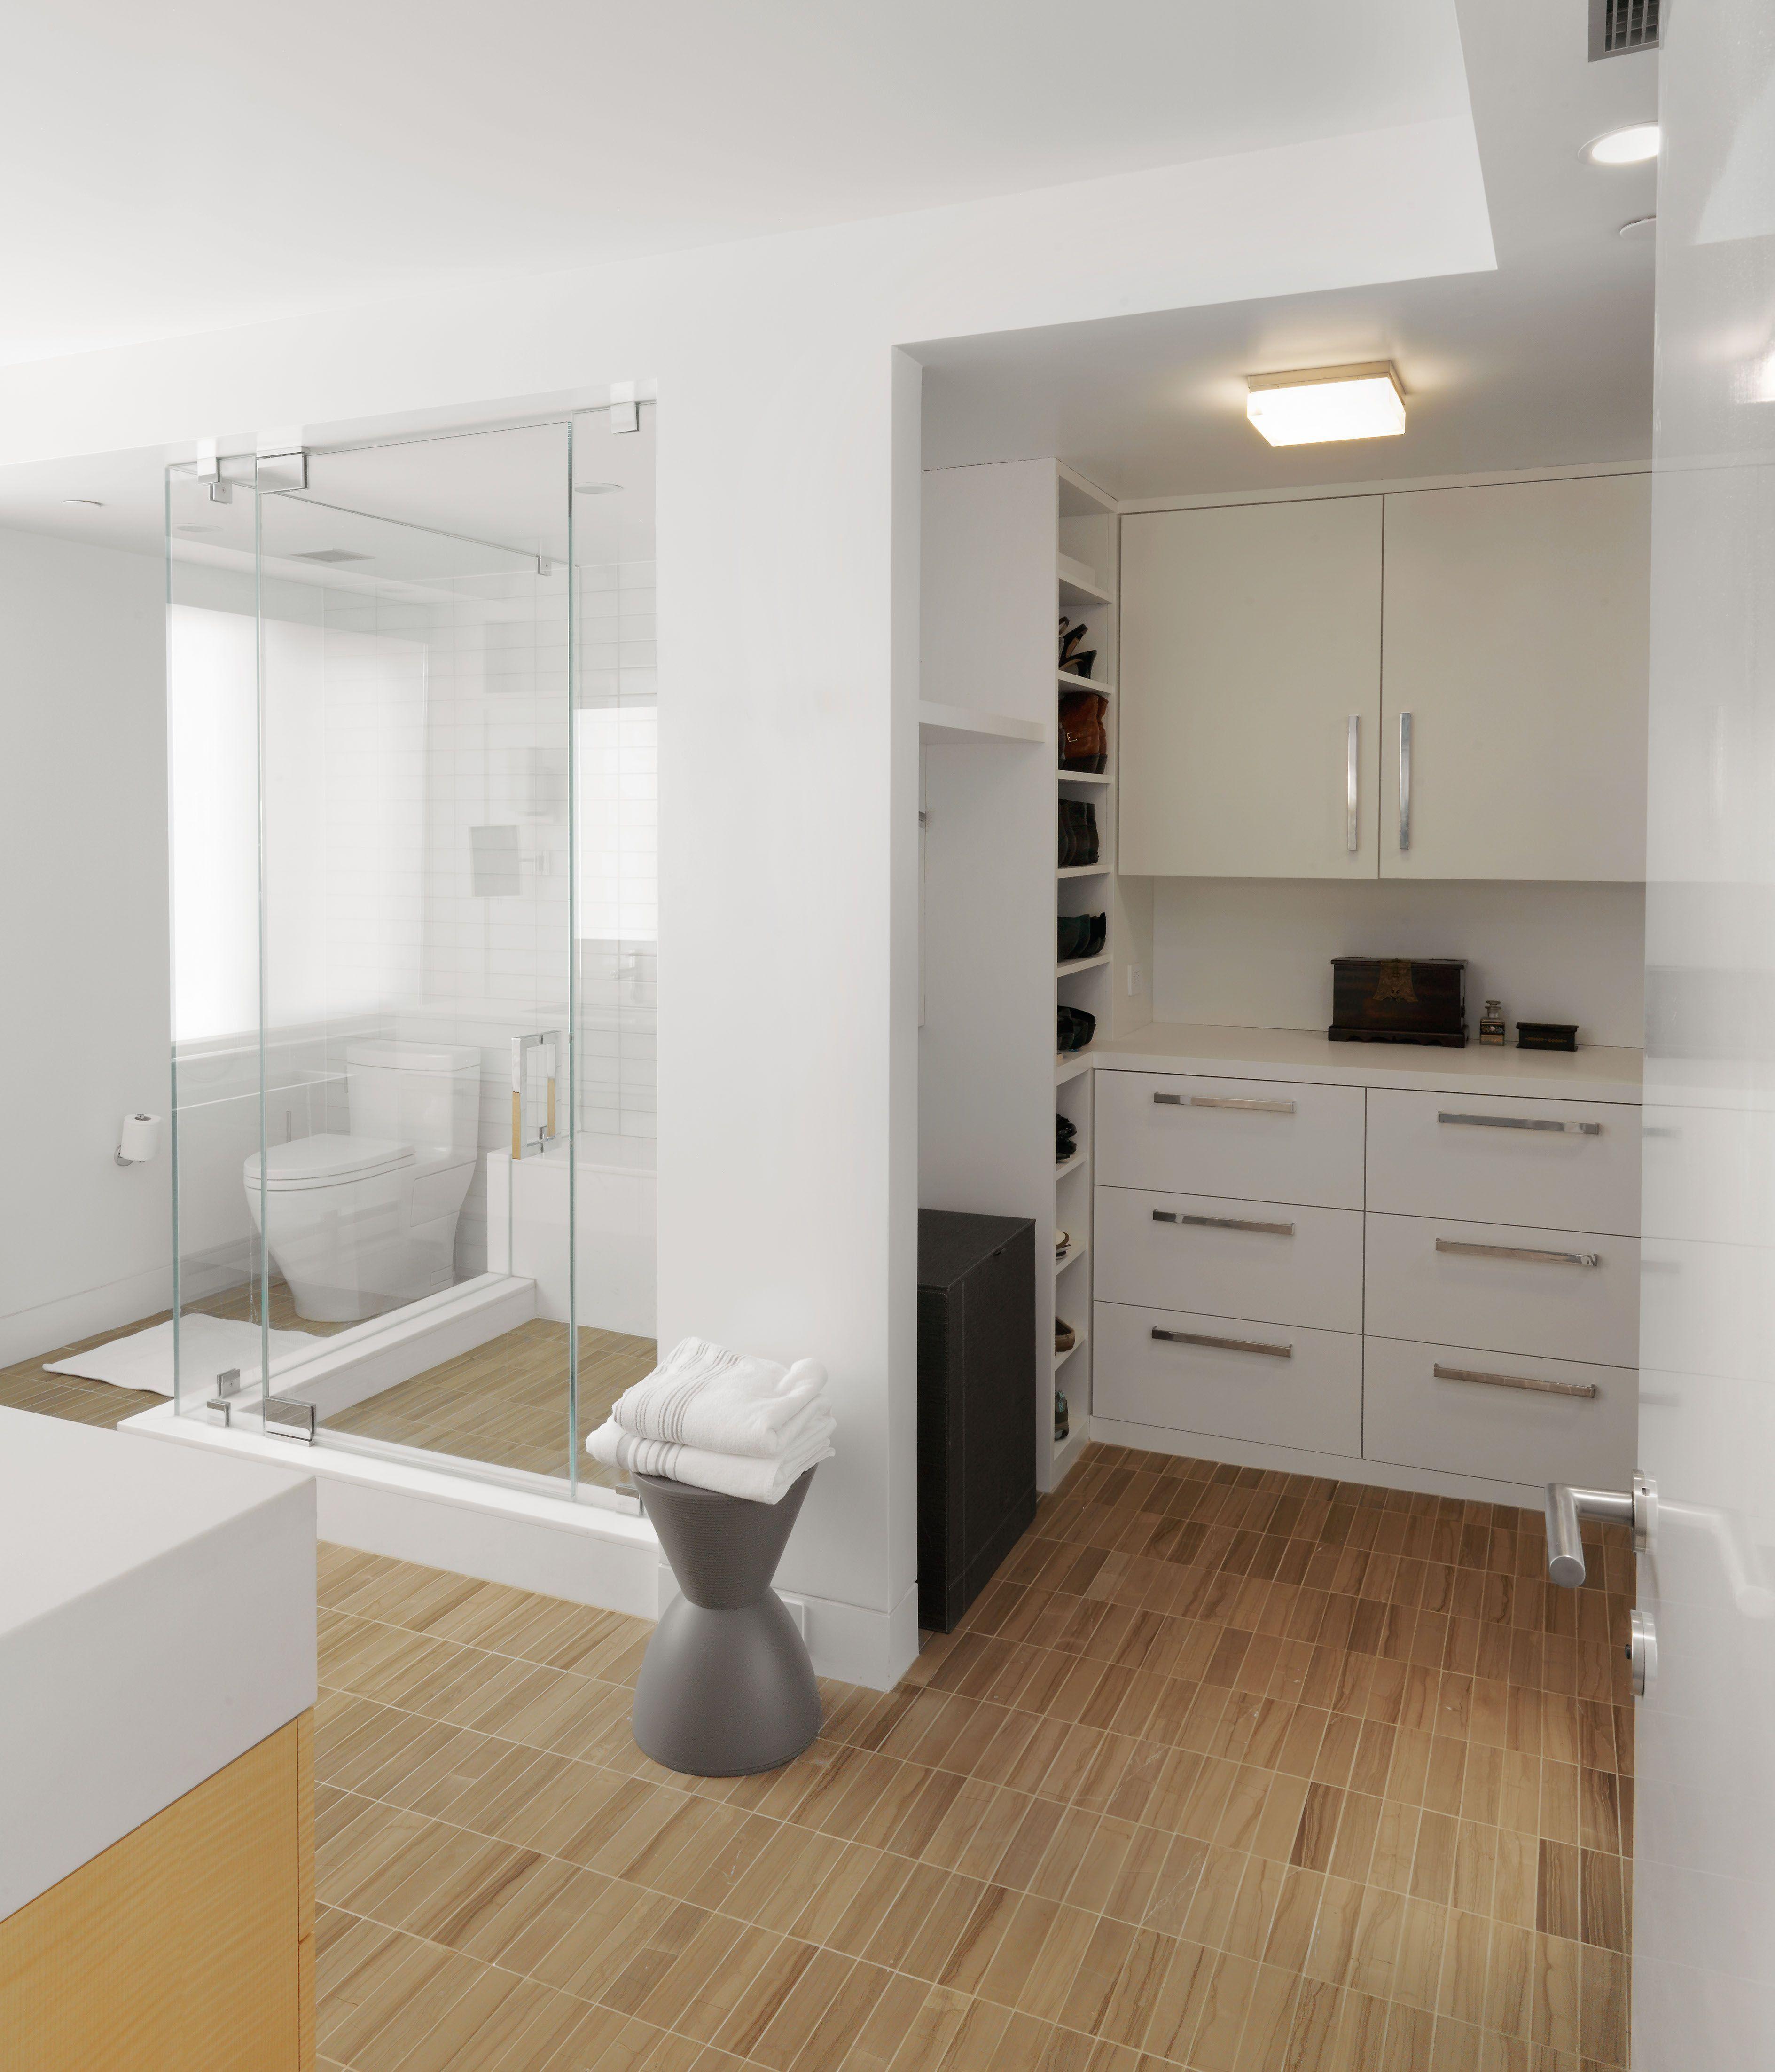 Conhecido Closet com banheiro: 50 inspirações para adotar essa integração HJ43